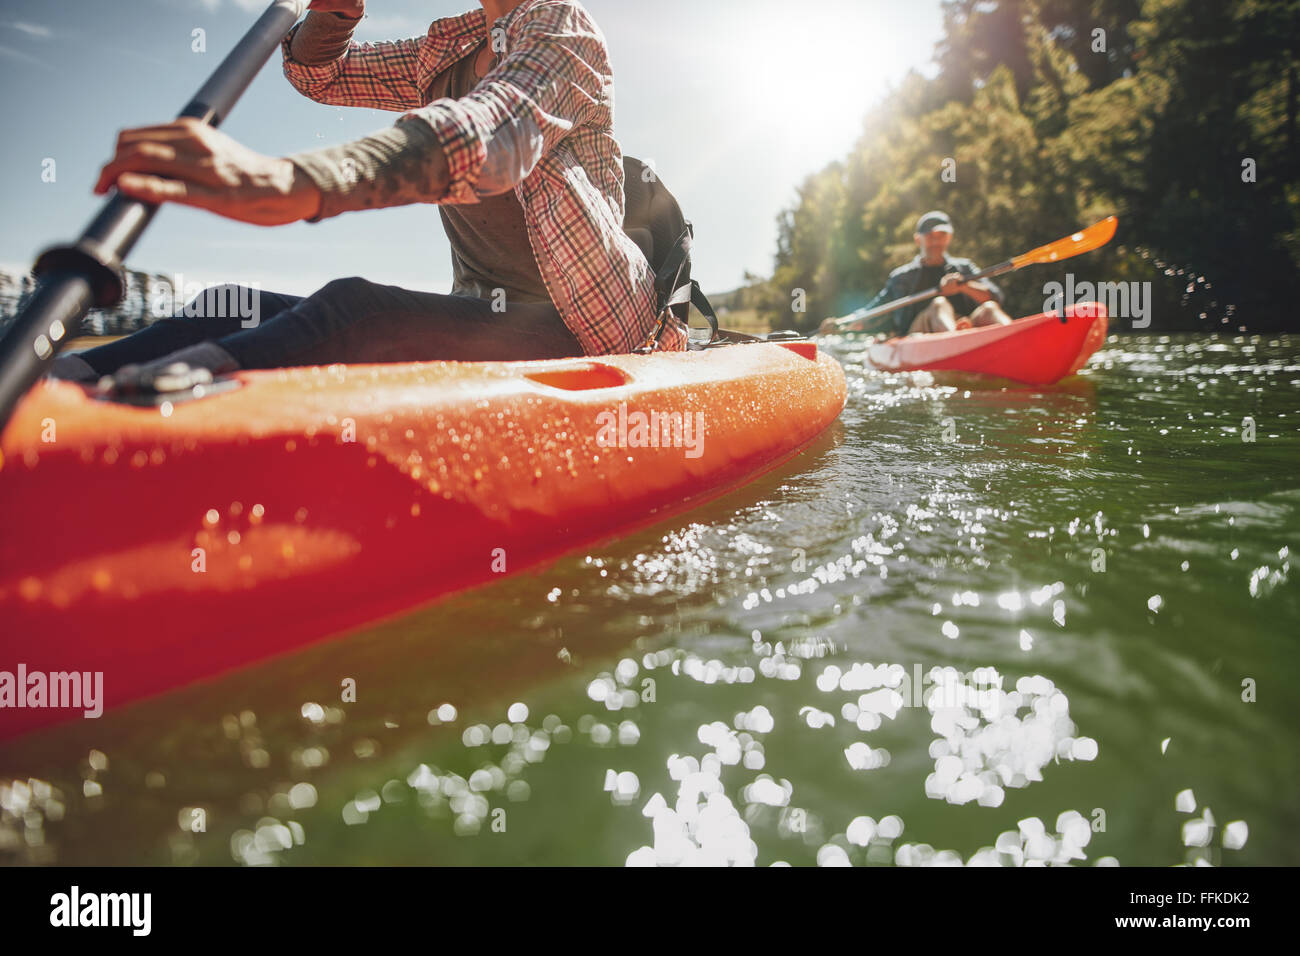 Immagine ritagliata della donna kayak con un uomo in background. Giovane canoa in un lago in un giorno di estate. Immagini Stock